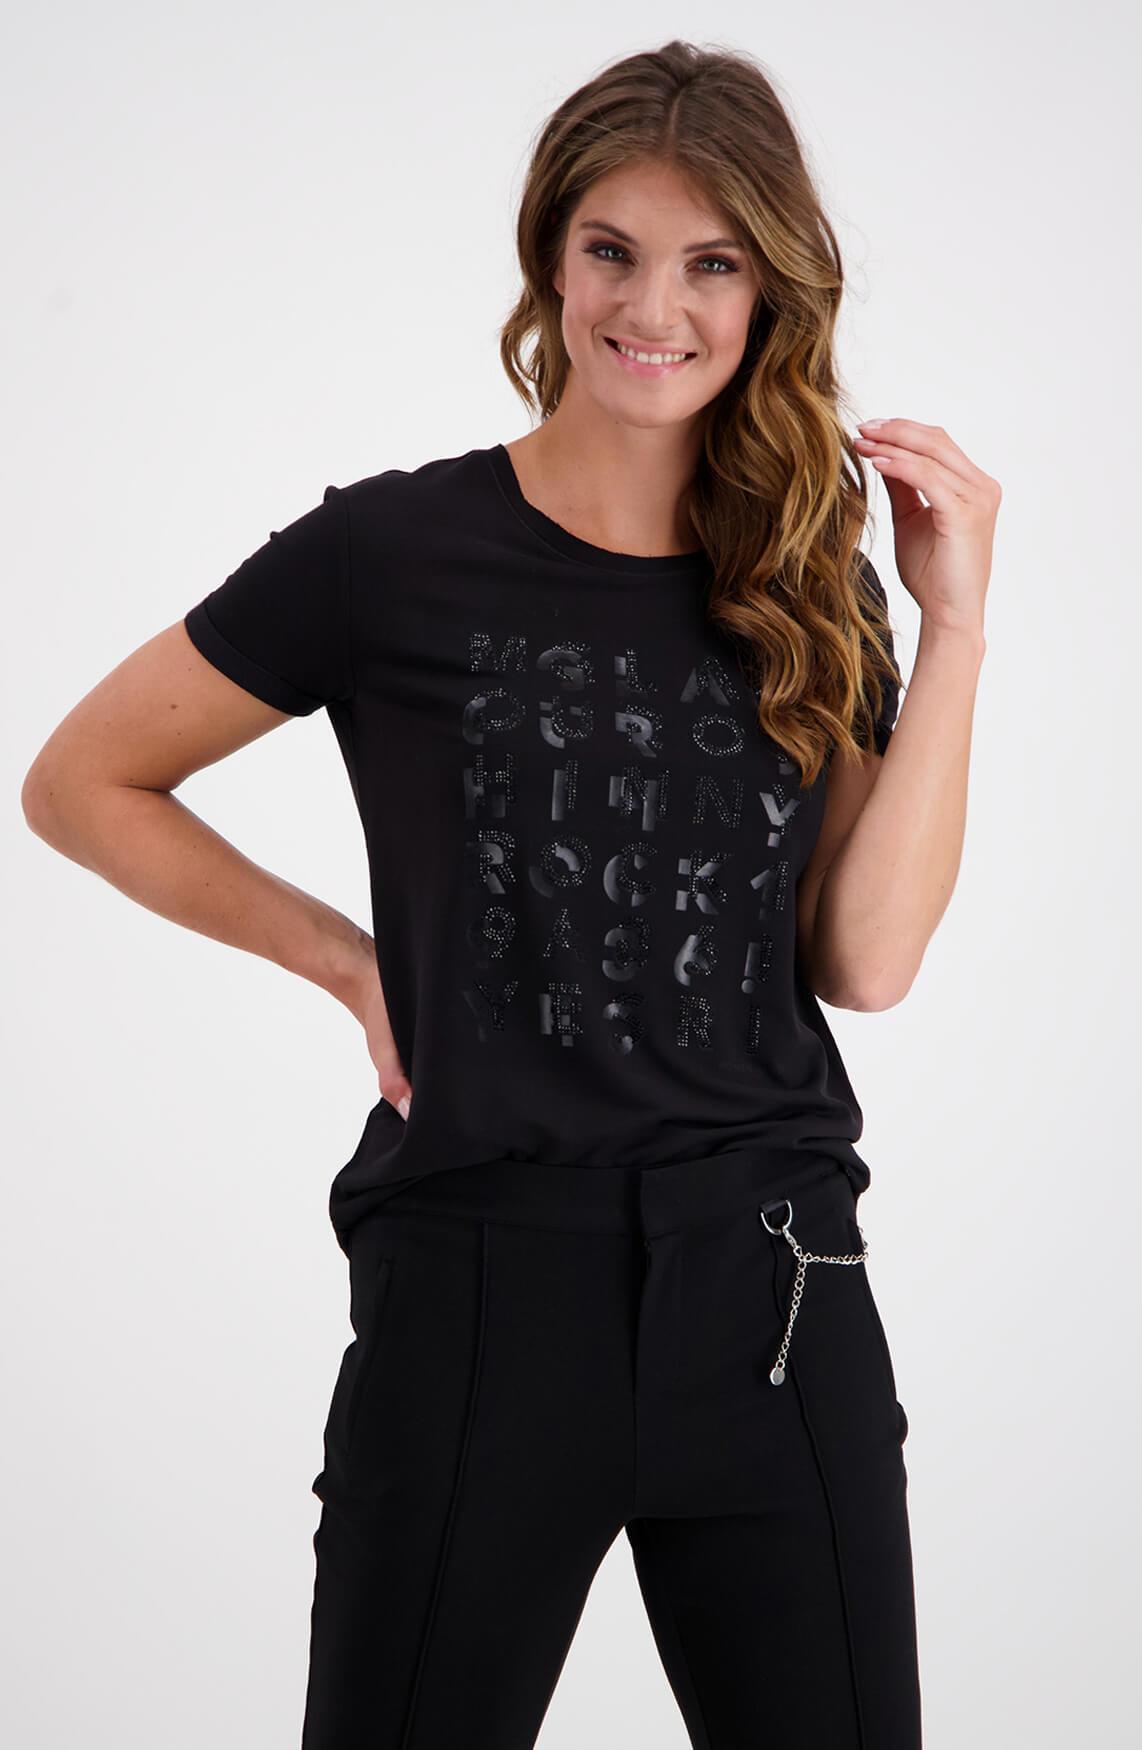 Monari Dames Tekstprint cargo shirt zwart